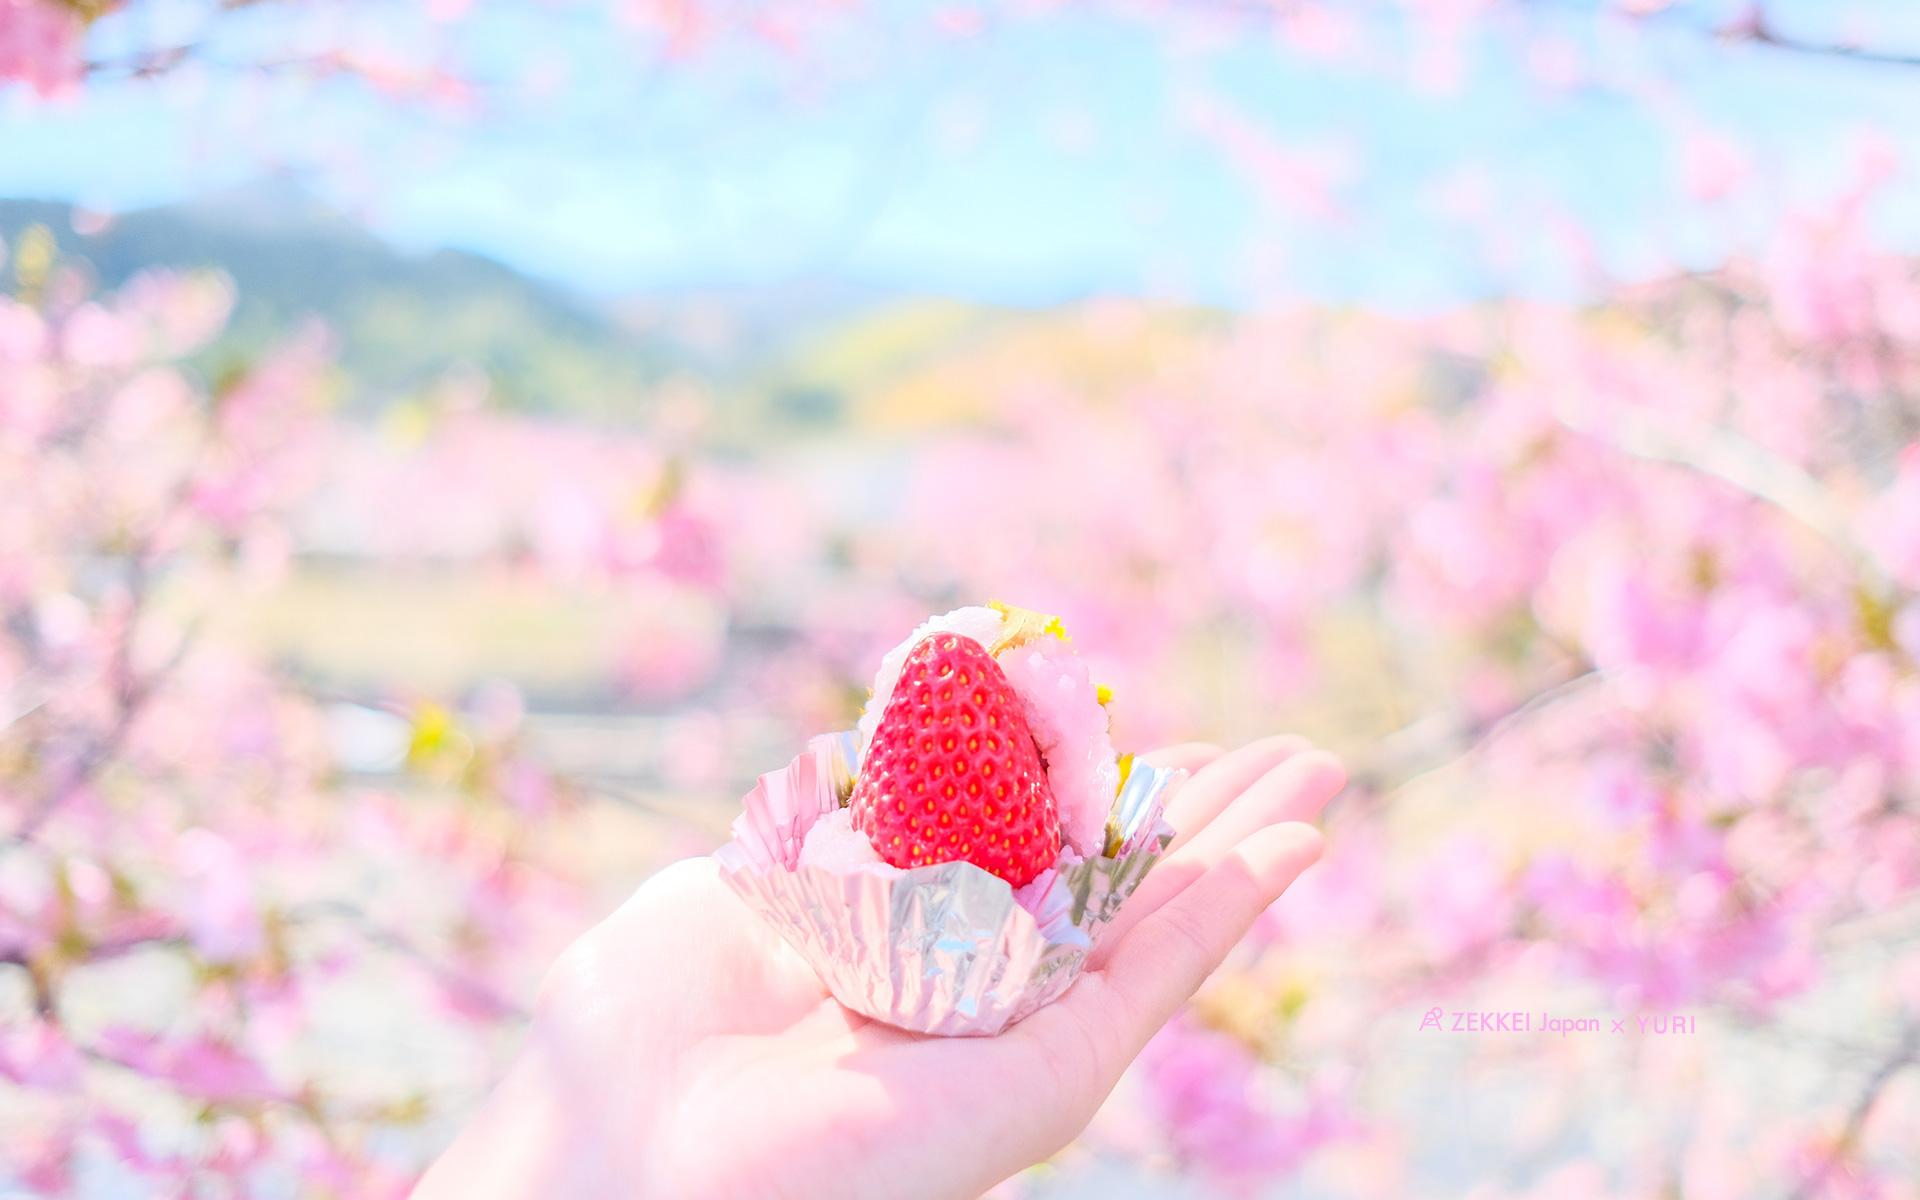 コラボ絶景壁紙 ふんわりパステルカラーのお花の絶景壁紙 Zekkei Japan